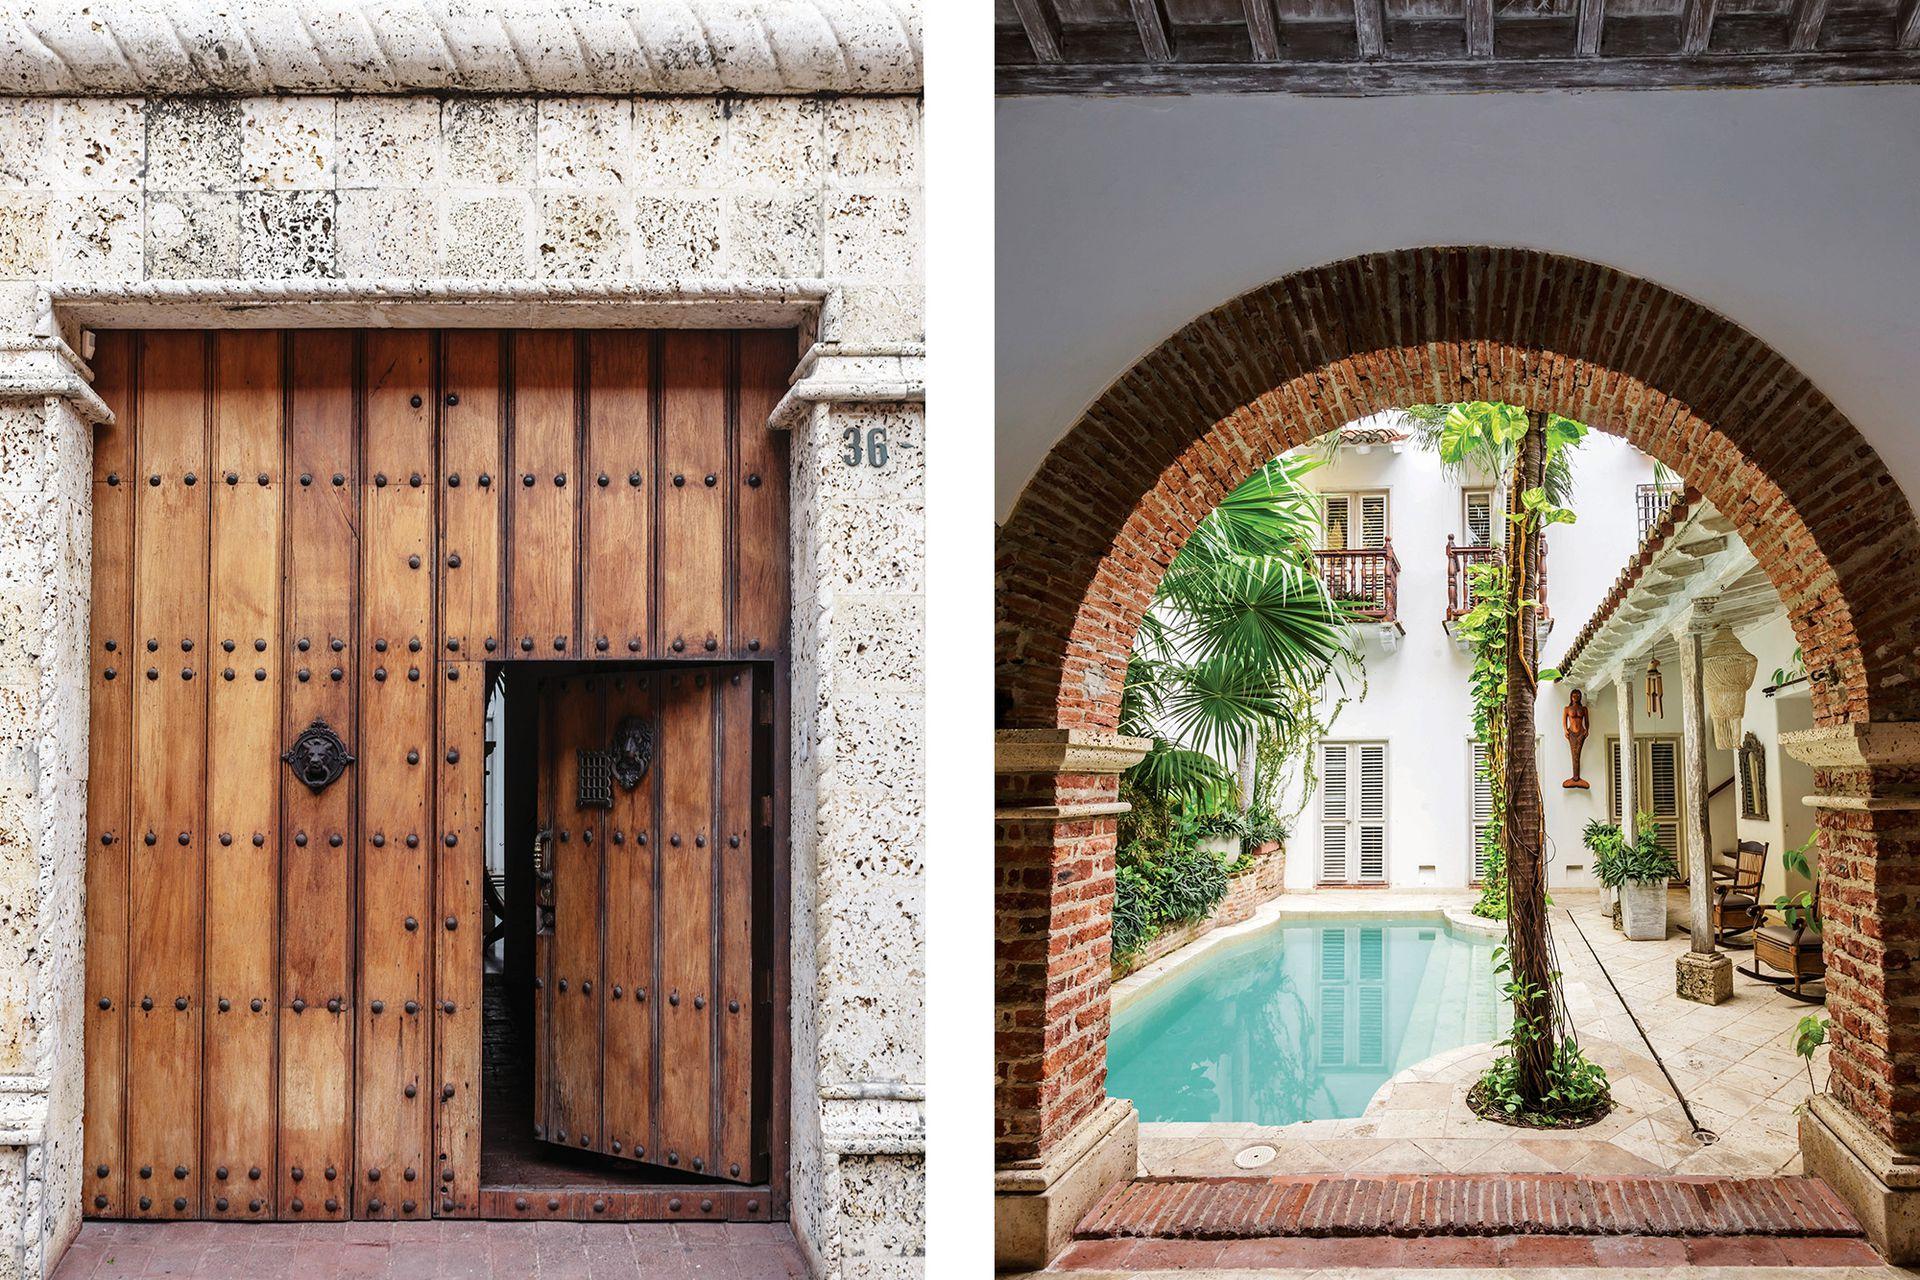 Una puerta hacia la maravilla. Fue toda una sensación tener las llaves de este portón cartagenero.